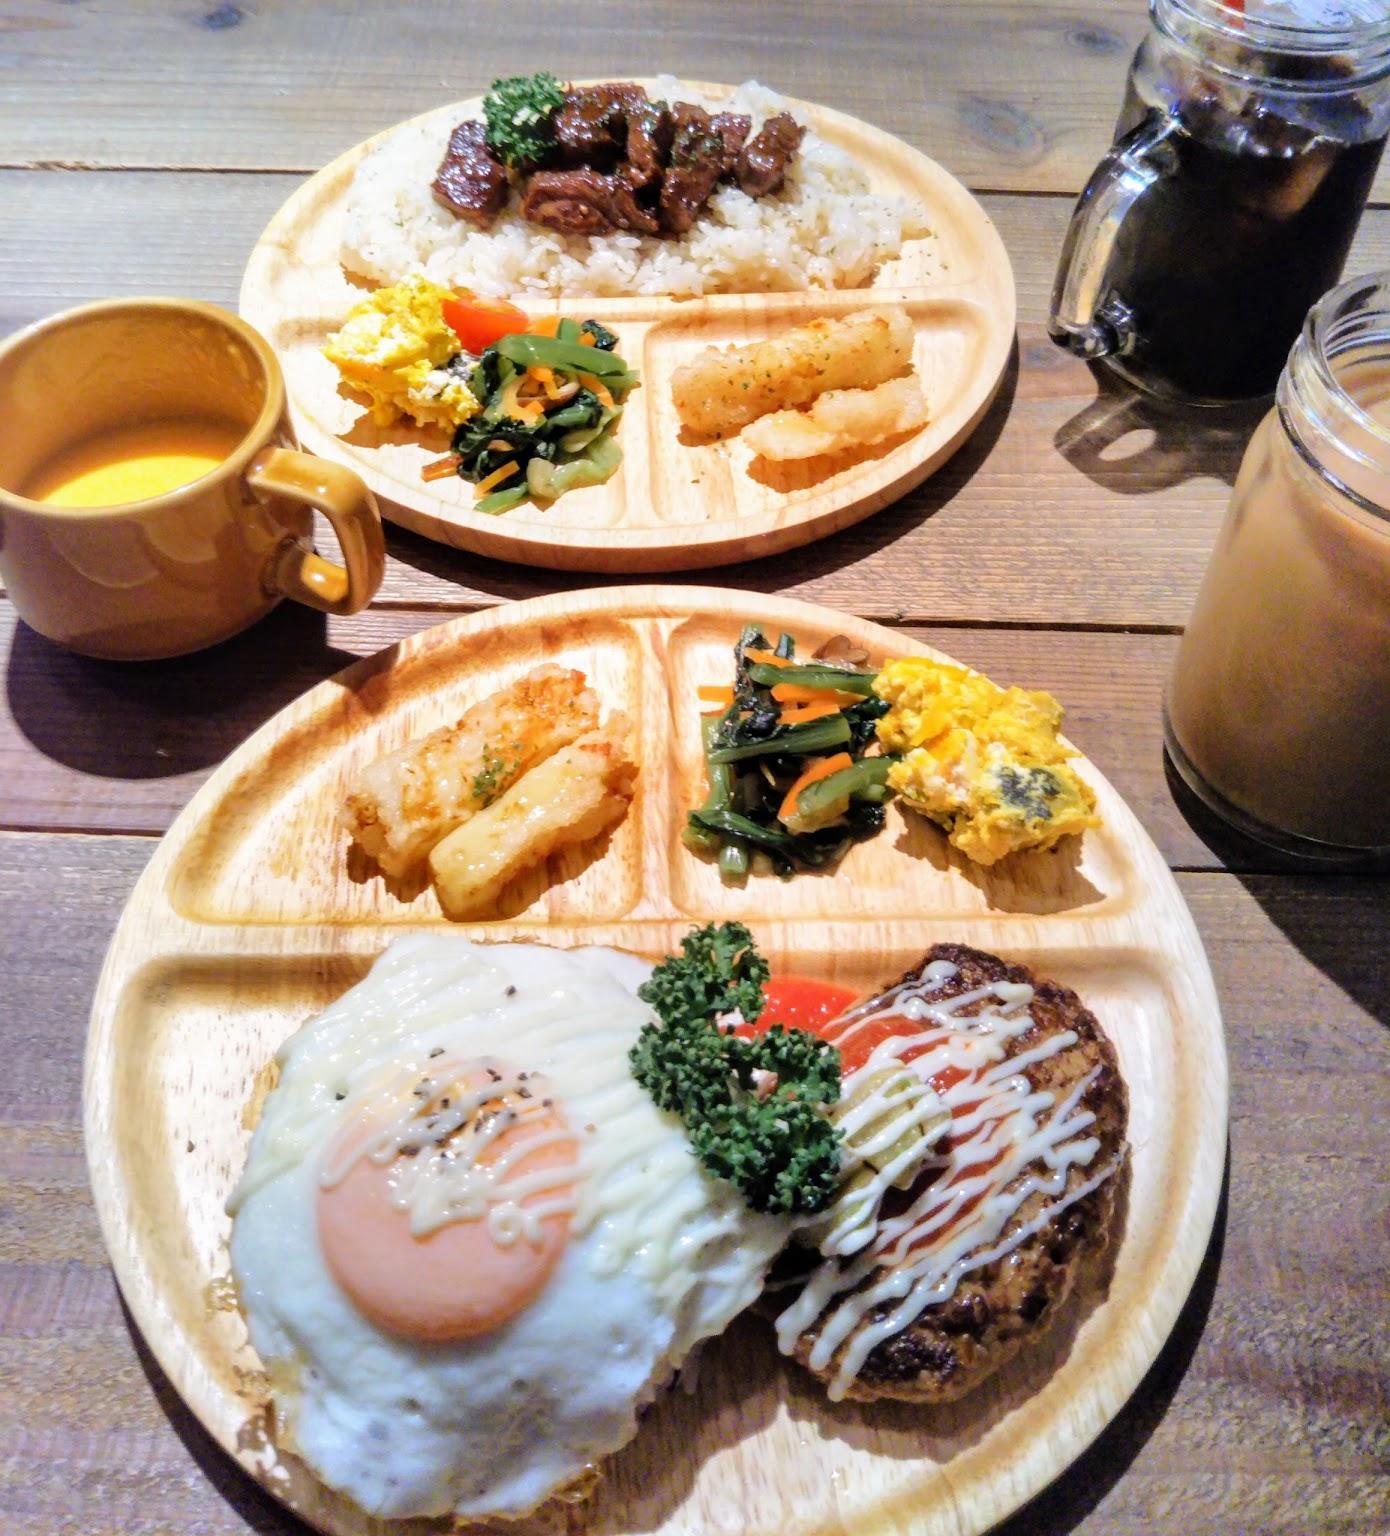 (Google 번역) 푸짐한 한 접시 점심. 잡화와 점심을 즐길 수 있습니다. 점심은 11 시부 터 16 시까 지입니다.  (원본) ボリュームたっぷりなワンプレートランチ。雑貨とランチが楽しめます。ランチは11時から16時までです。